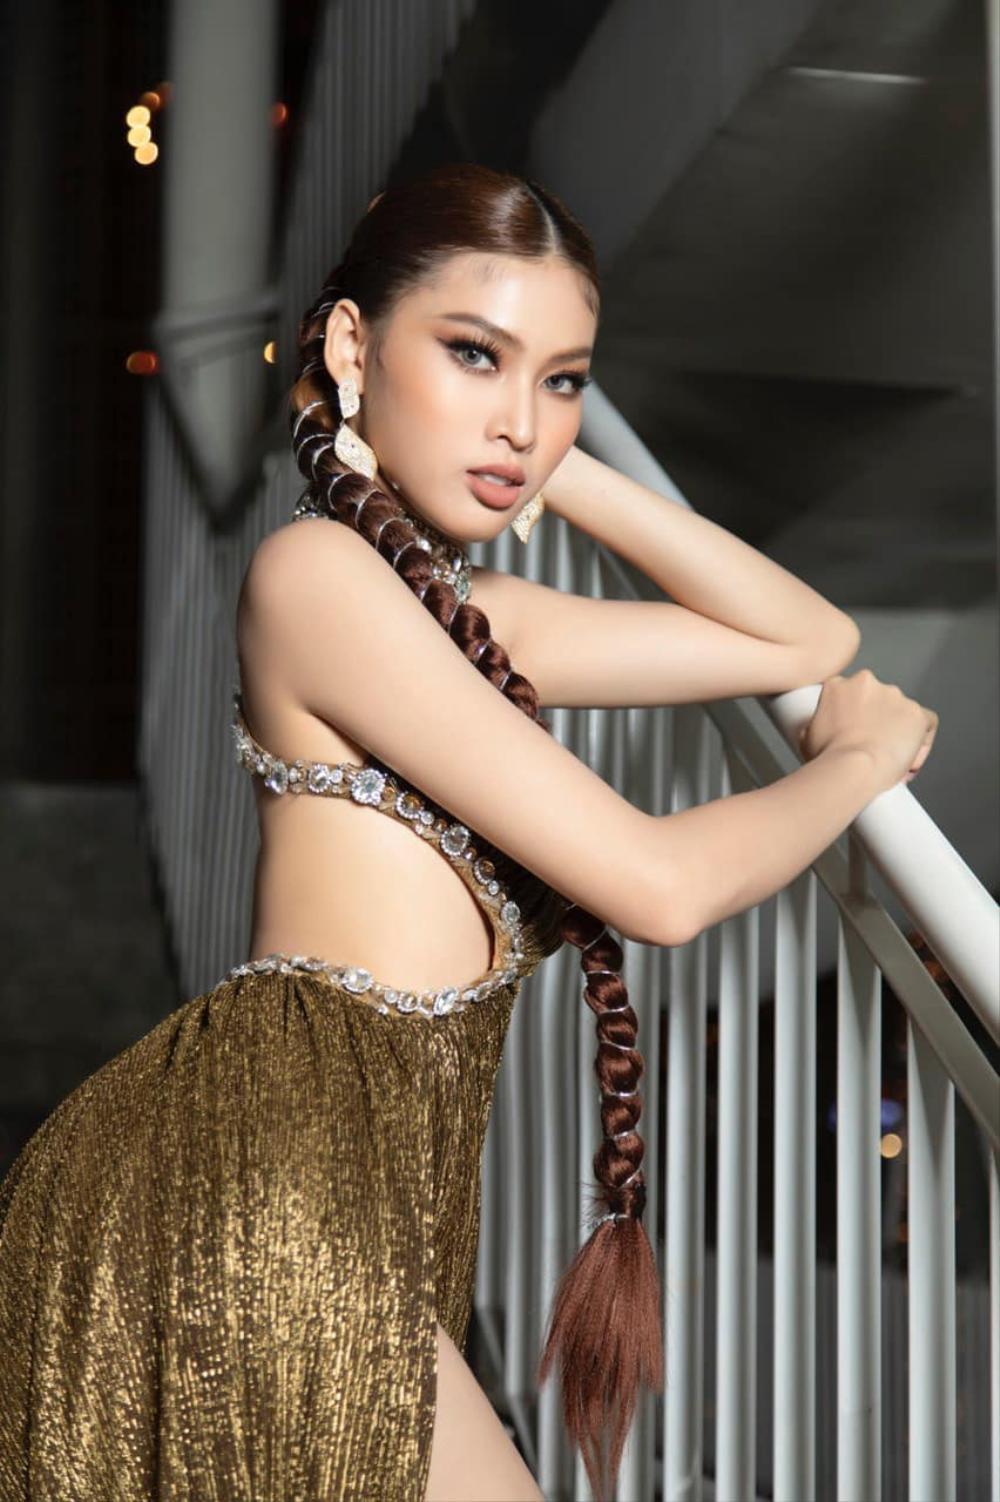 Ngọc Thảo tung Video Intro Miss Grand đầy tự tin: 'Tôi là Tân Hoa hậu Hòa bình, làm quen với điều đó đi' Ảnh 15